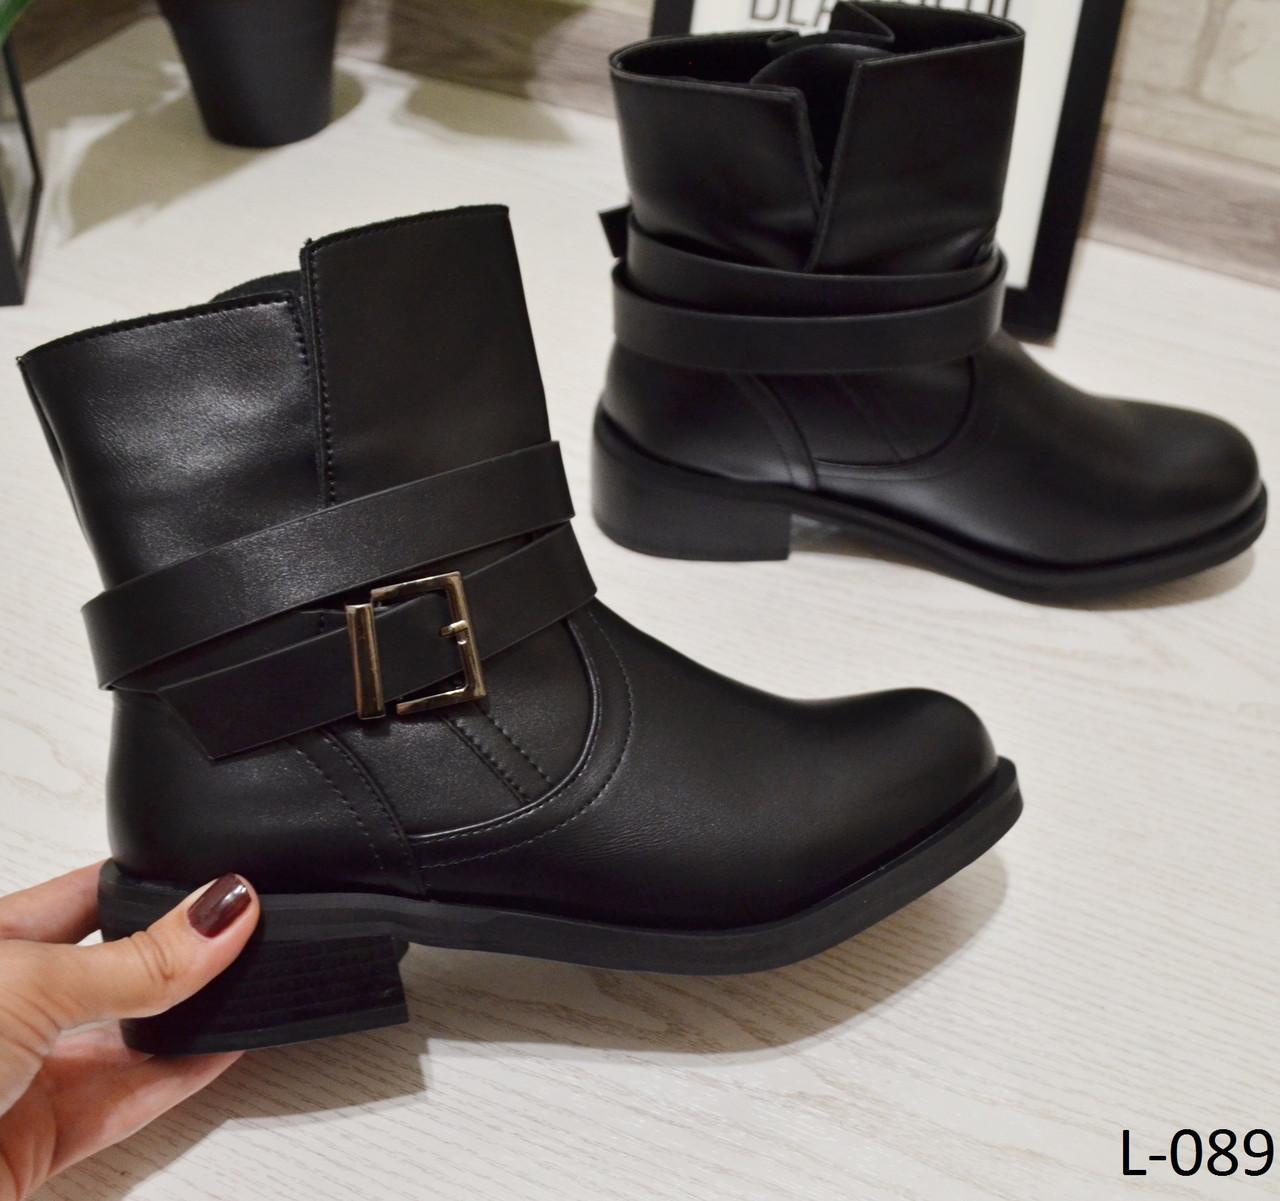 c98344ee7 25 см Ботинки женские деми черные на низком ходу,низкий  ход,демисезонные,весенние, осенние,весна,осень